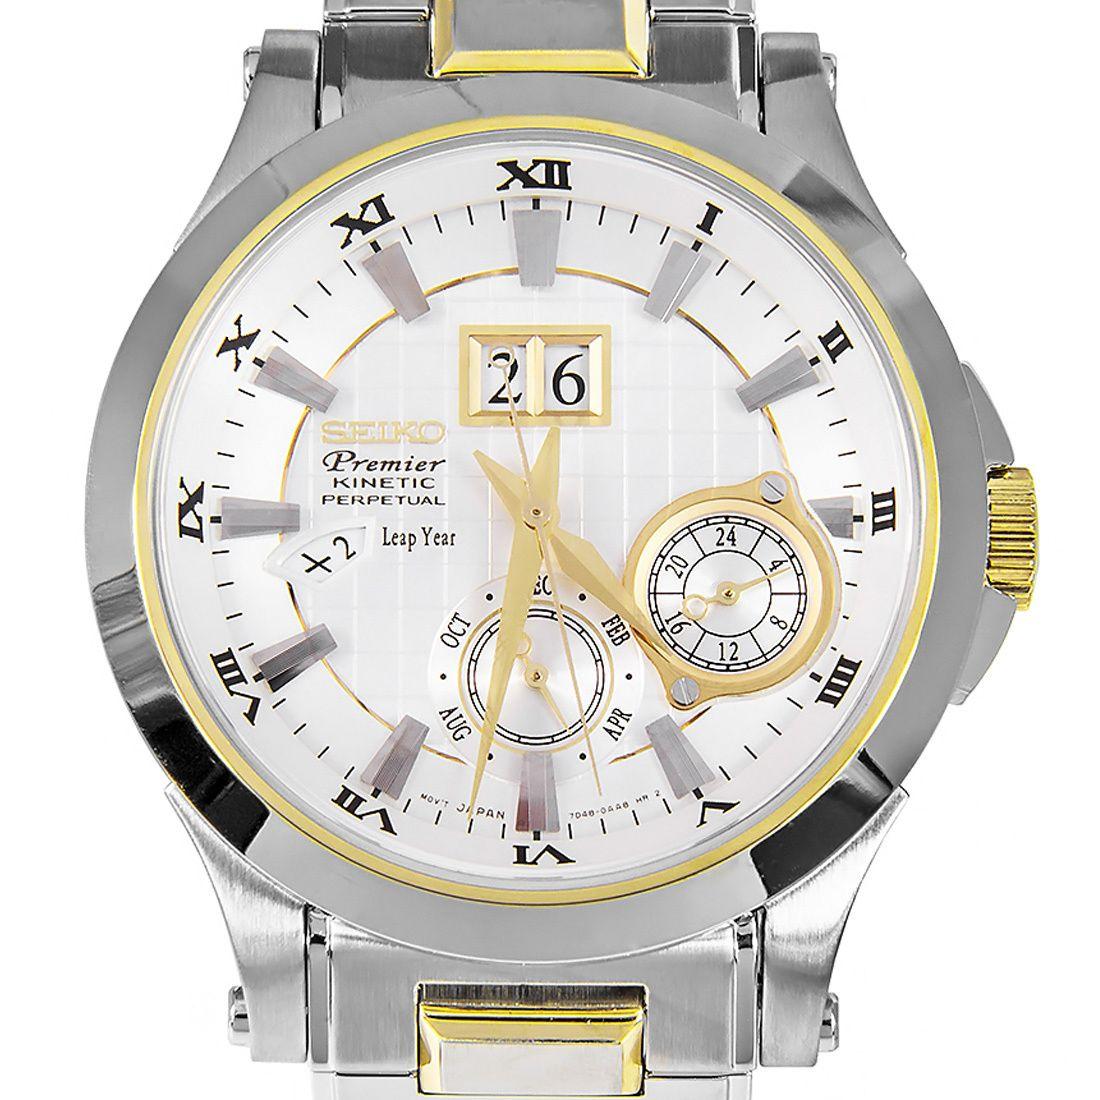 snp004p1 snp004p snp004 seiko men premier kinetic watch montre pinterest horlogerie et montres. Black Bedroom Furniture Sets. Home Design Ideas